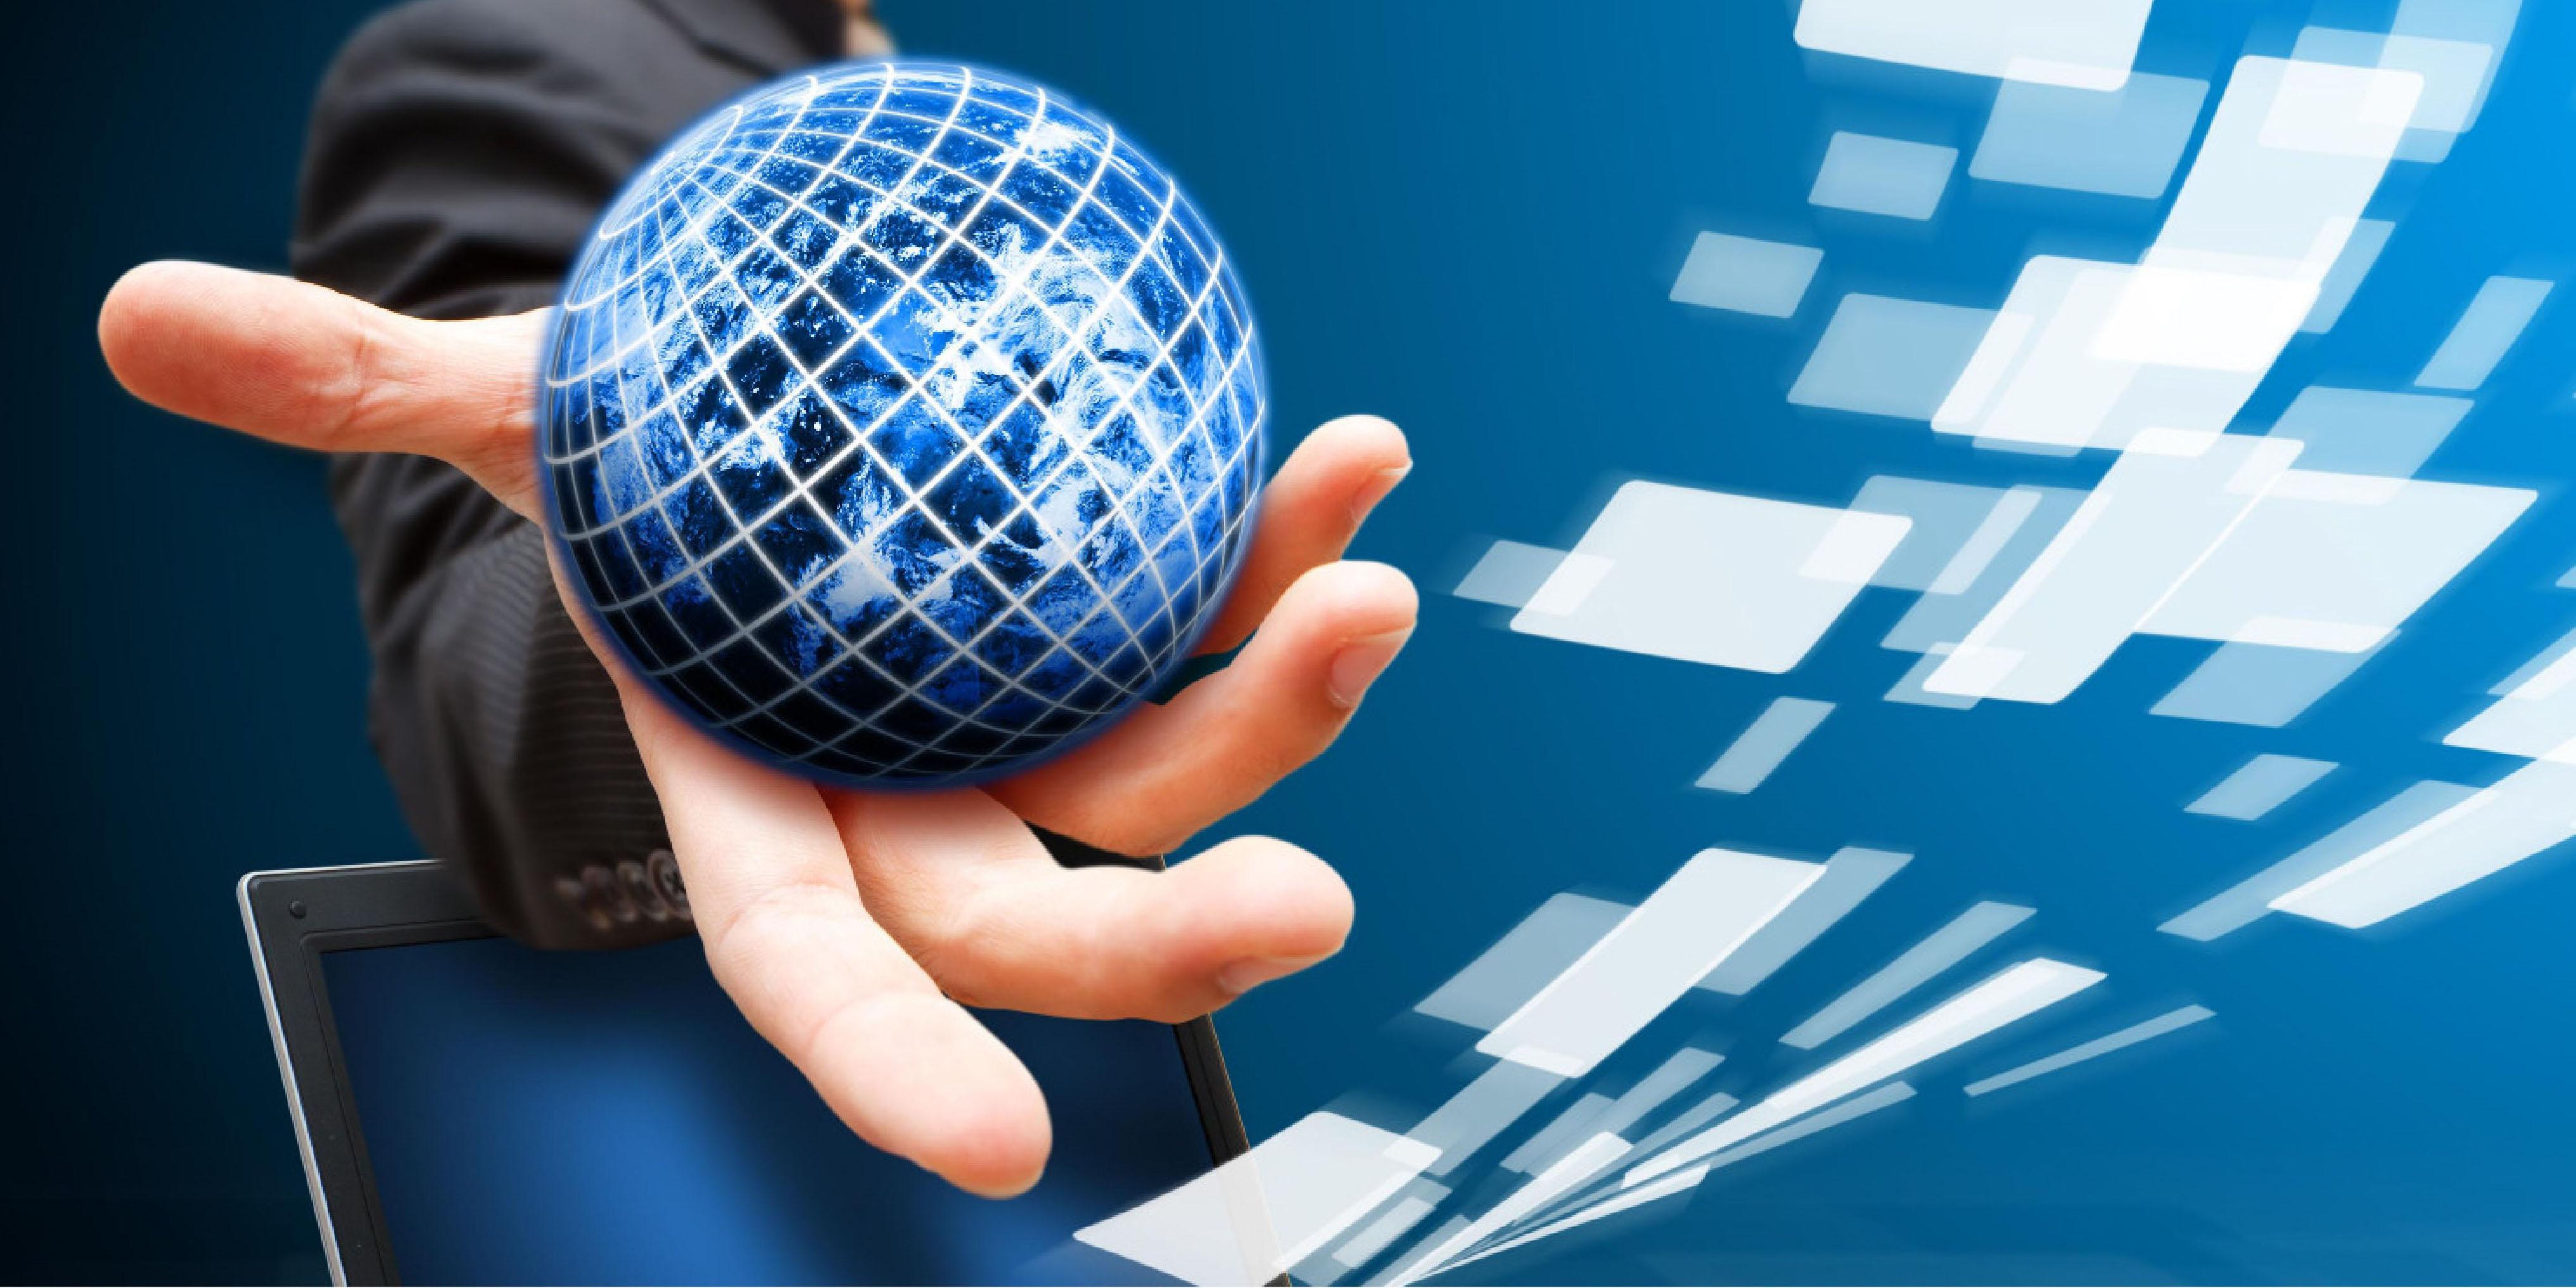 لزوم ایجاد شرکتهای بیمهگر دادهها و اطلاعات